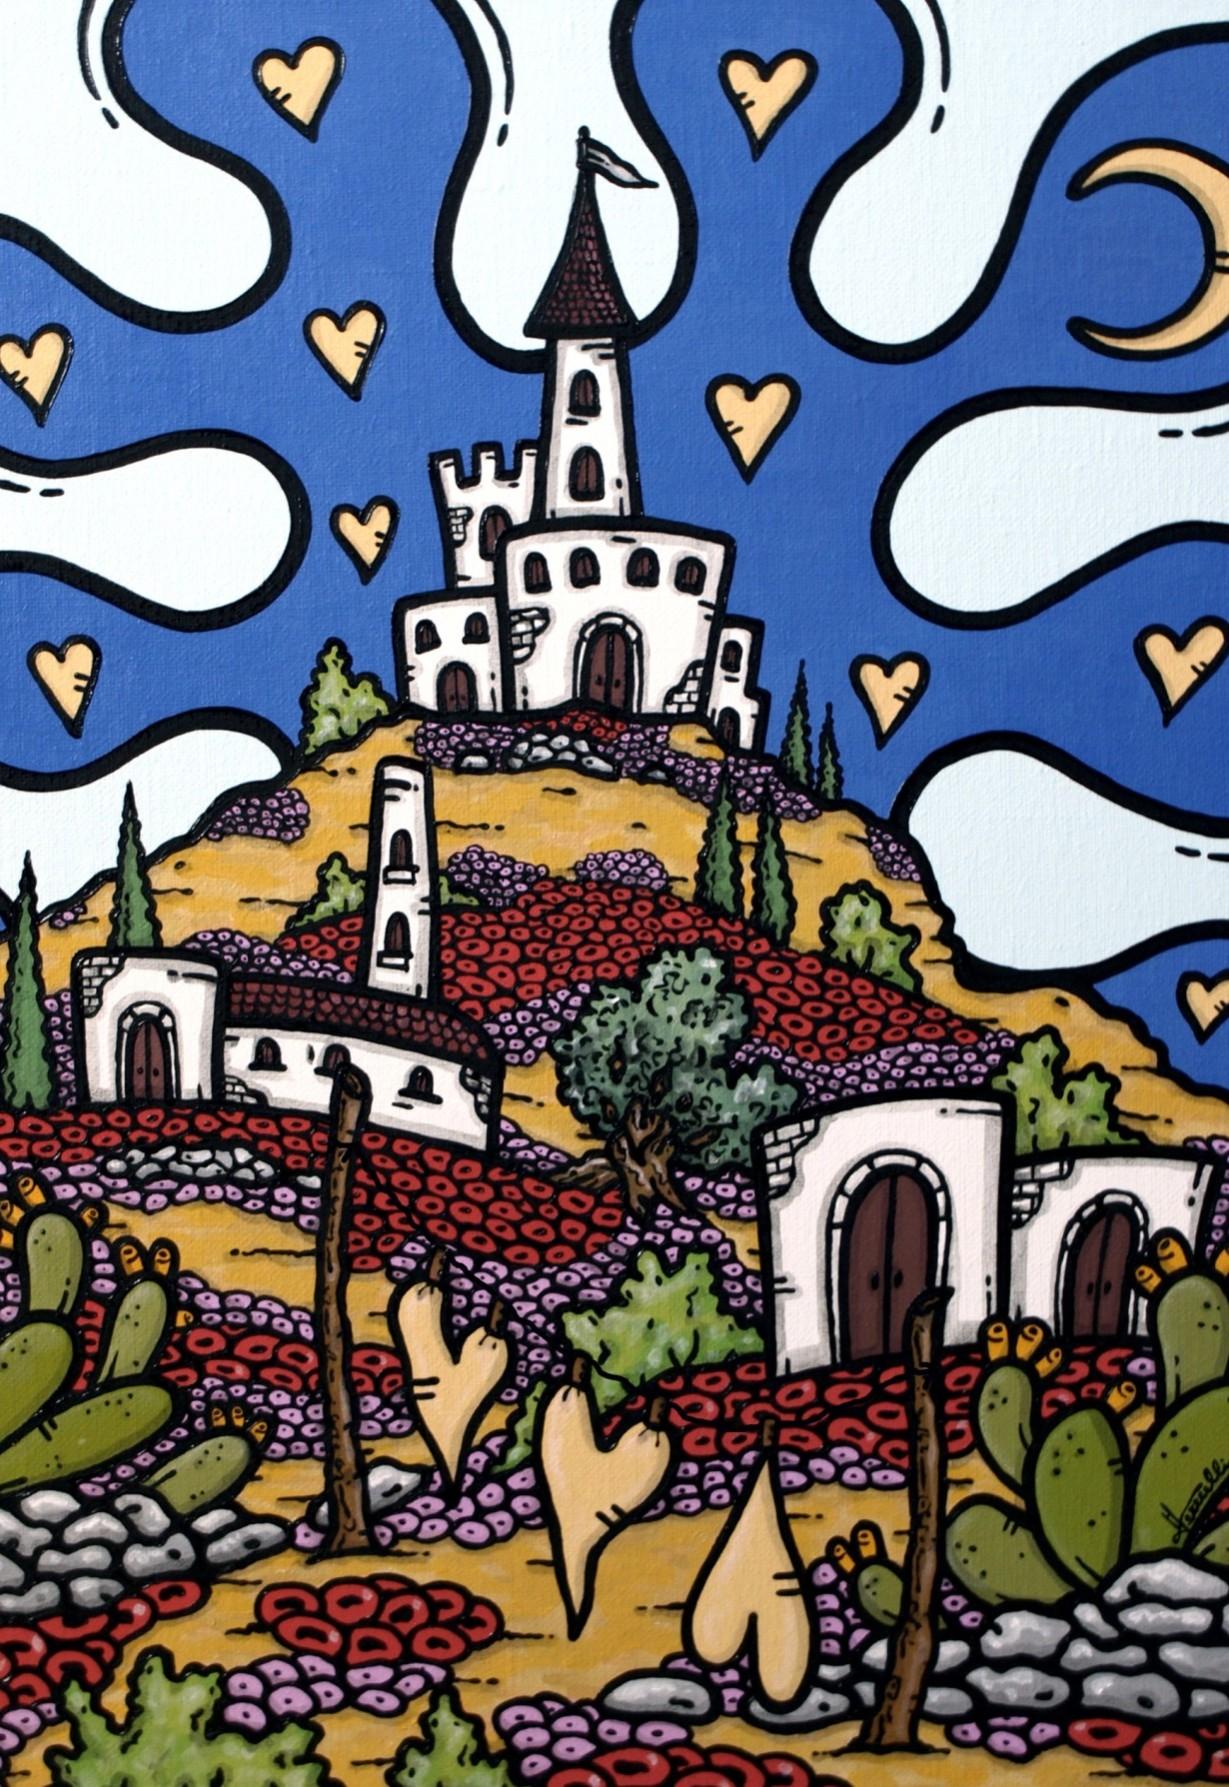 opera, contornismo metafisico, francesco ferrulli, pittore pugliese, artista italiano, arte contemporanea, dipinto, olio su tela, paesaggi pugliesi, puglia, quadro colorato, oil on canvas, art, painter, paesaggio pugliese, campagna pugliese, trulli, ulivi, fichi d'india, castle of love,